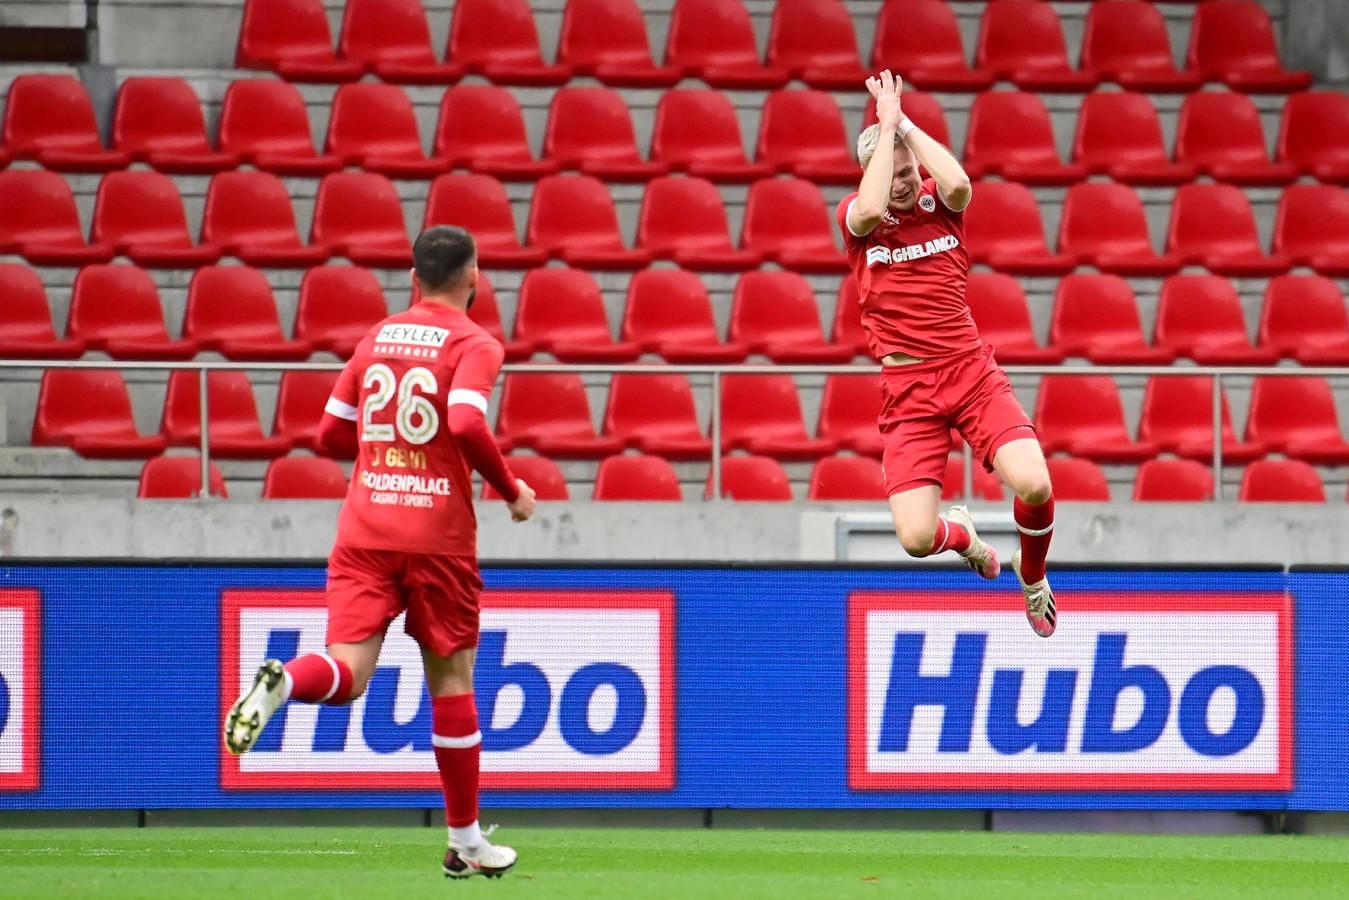 En of Simen 'Cristiano' Juklerød blij was met zijn doelpunt.